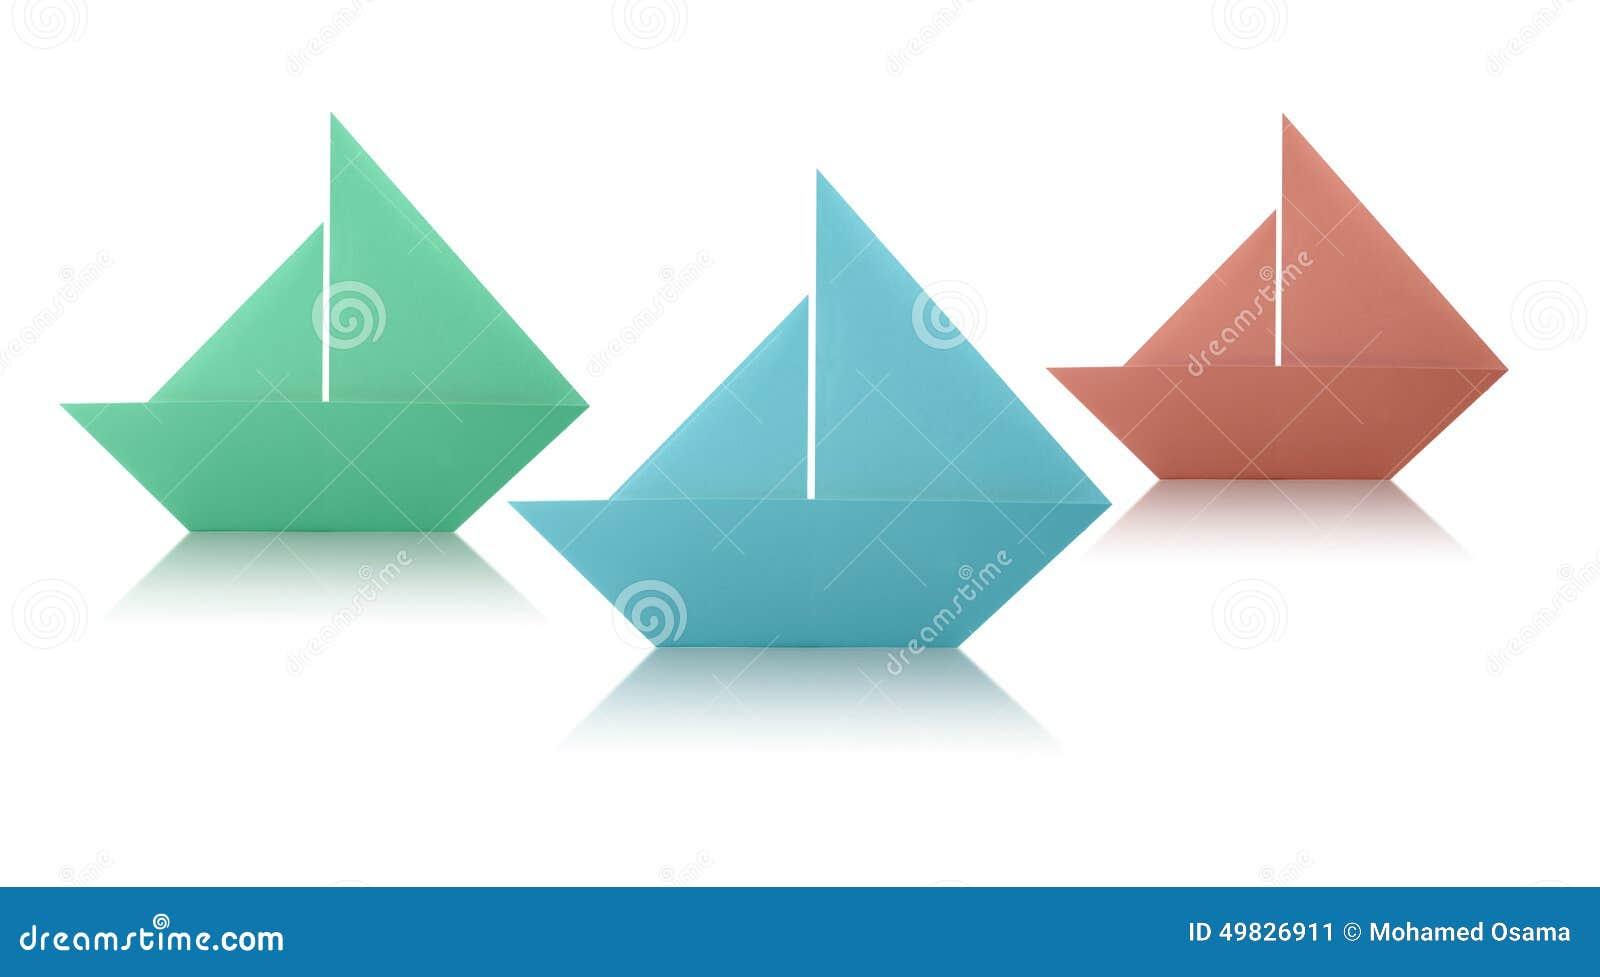 Bateaux A Voile De Papier D Origami Image Stock Image Du Voile Bateaux 49826911